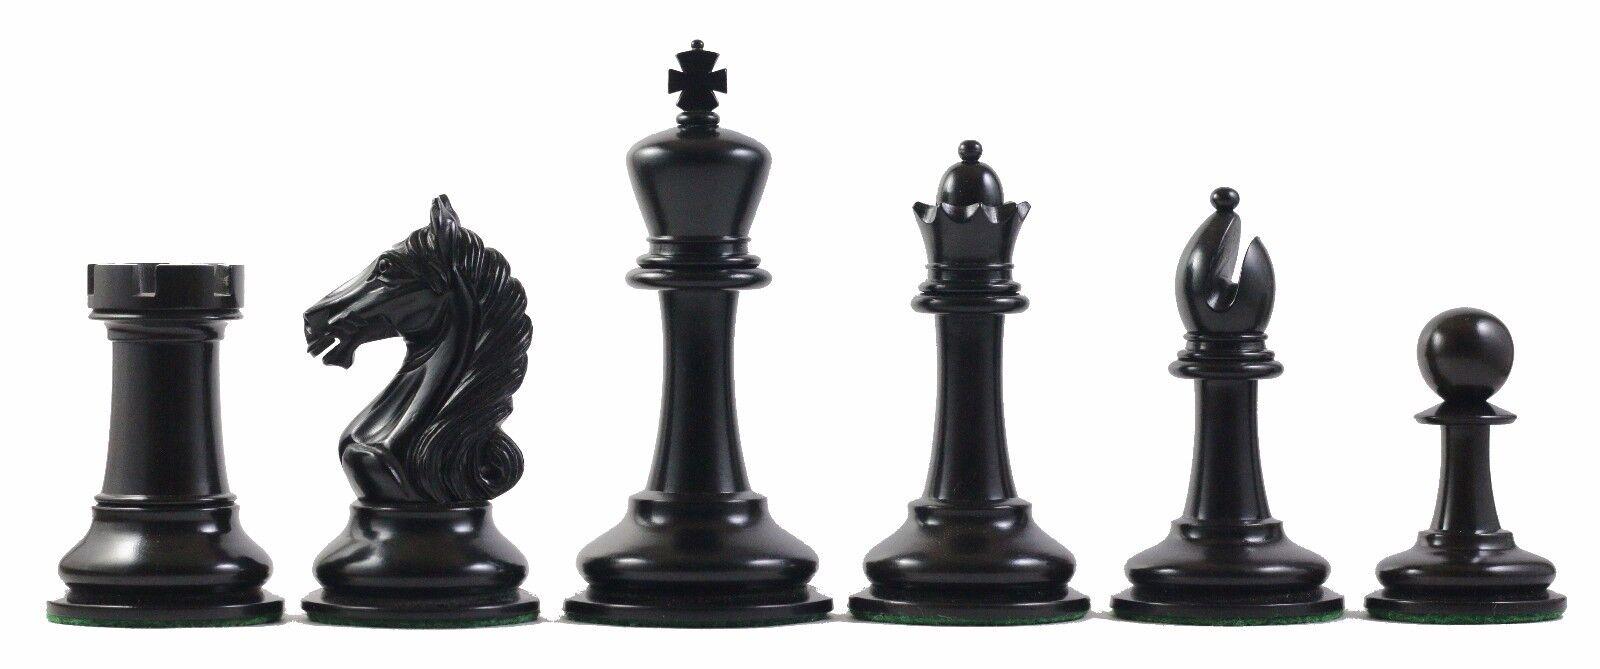 Antique Warrior Premium Staunton Chessmen 4 Inch in Ebony and Antiqued Box Wood